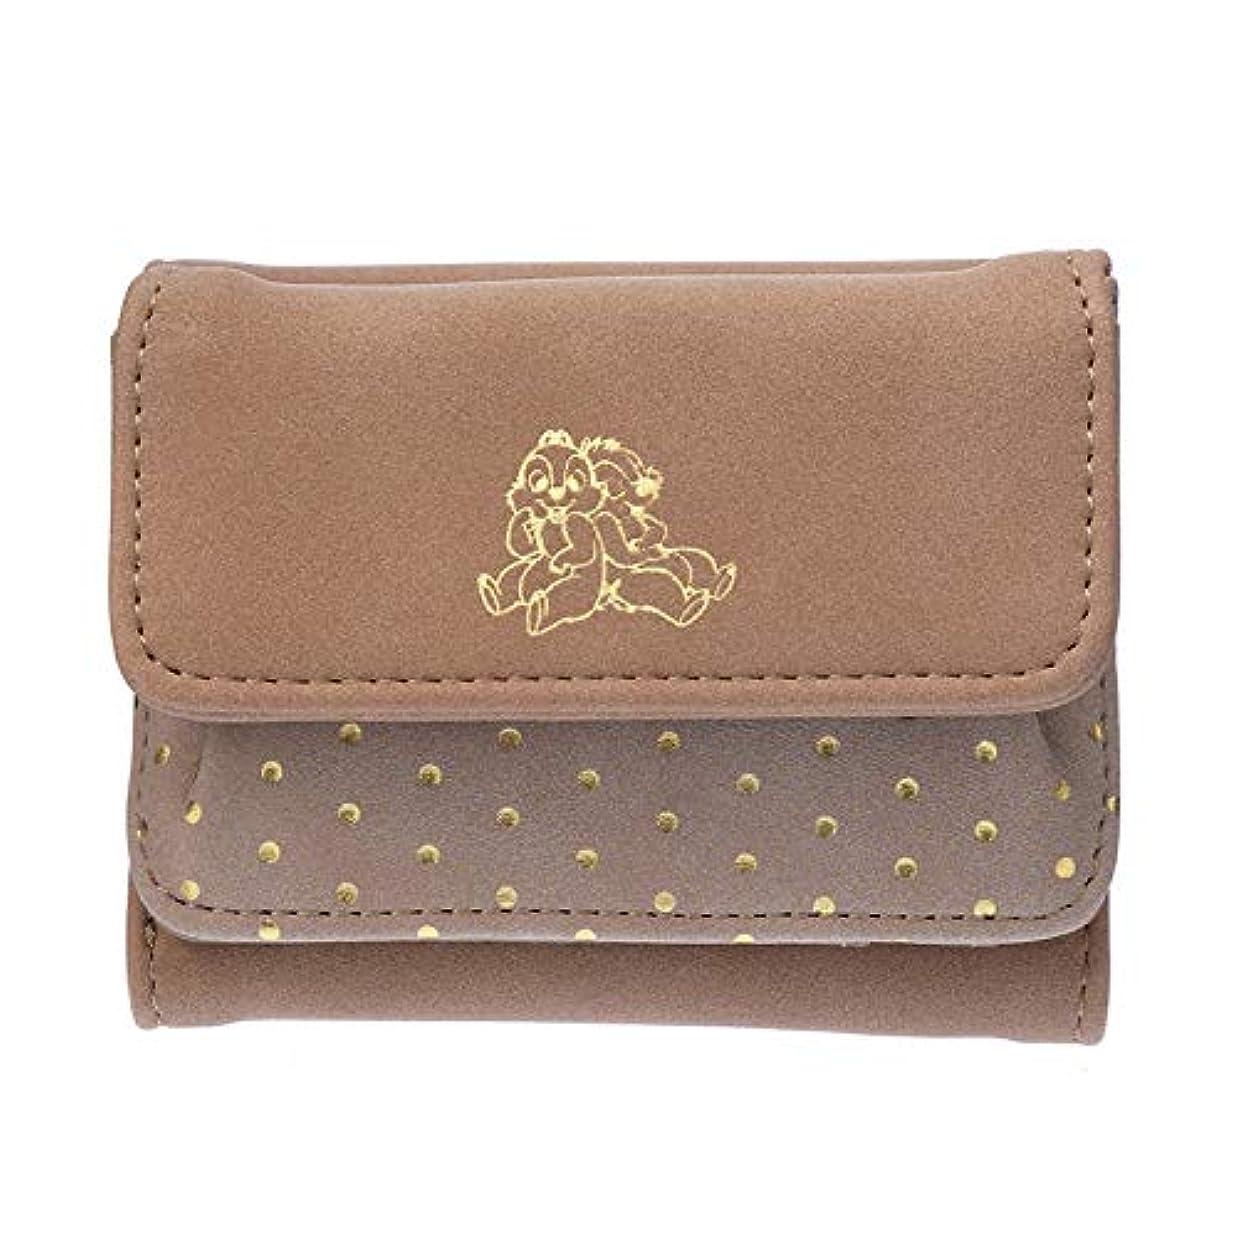 不和符号正規化ディズニーストア(公式)財布?ウォレット チップ&デール カラースウェード